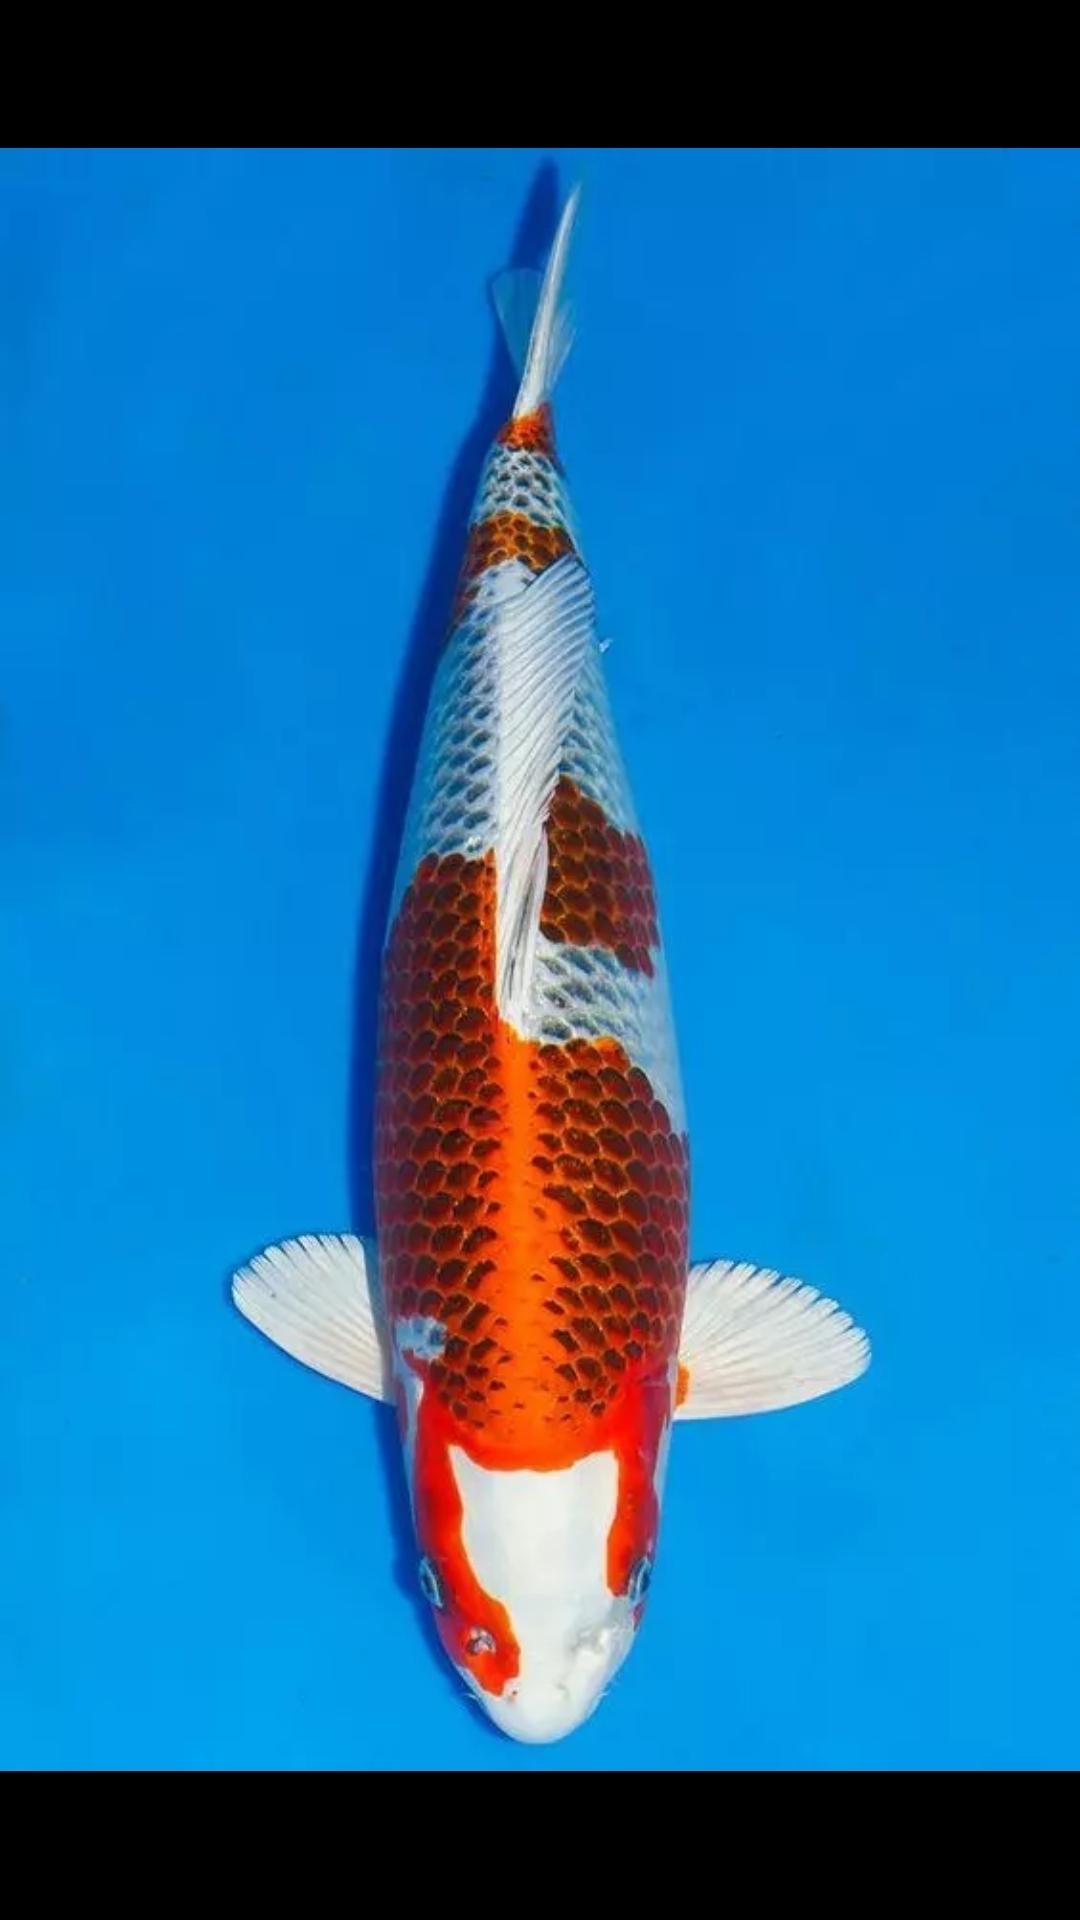 【西安白子魟鱼】锦鲤第八篇 西安观赏鱼信息 西安博特第2张